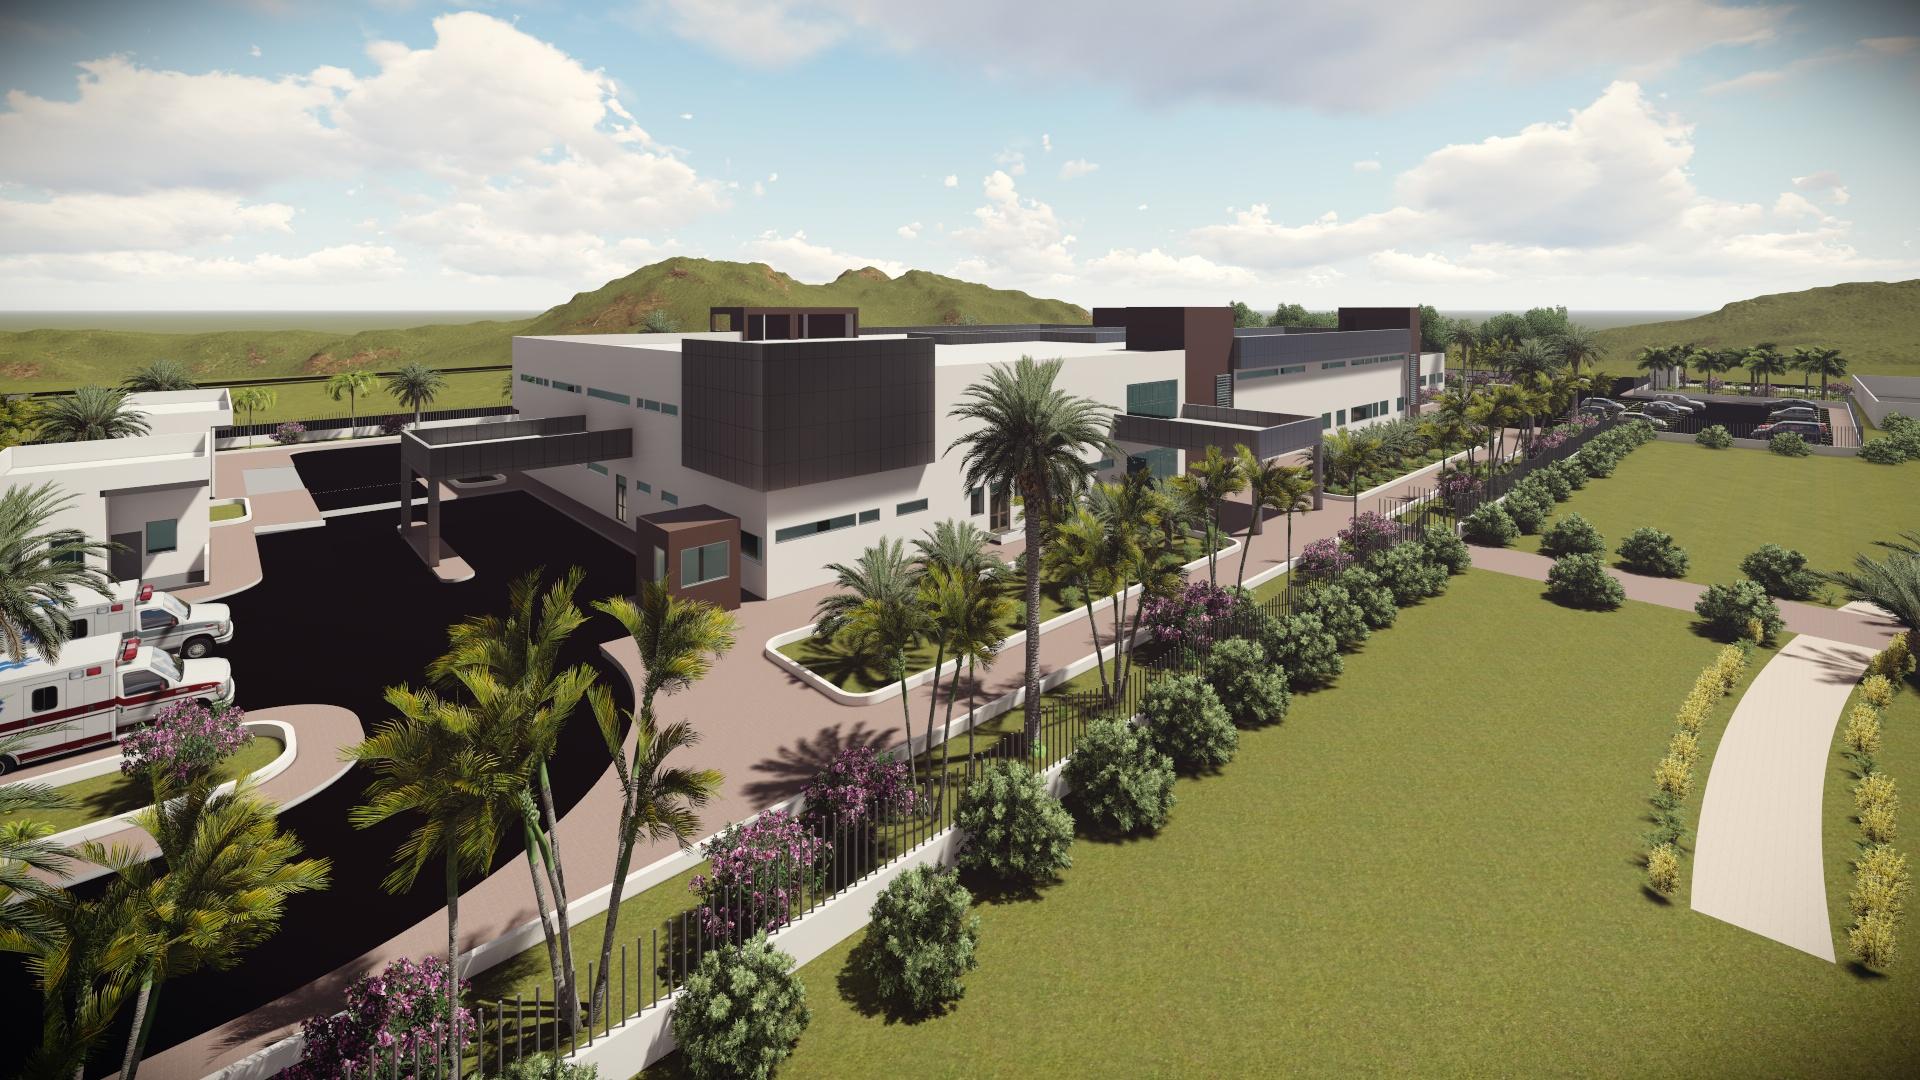 Ecuador recurre a China para financiar y construir proyecto hospitalario